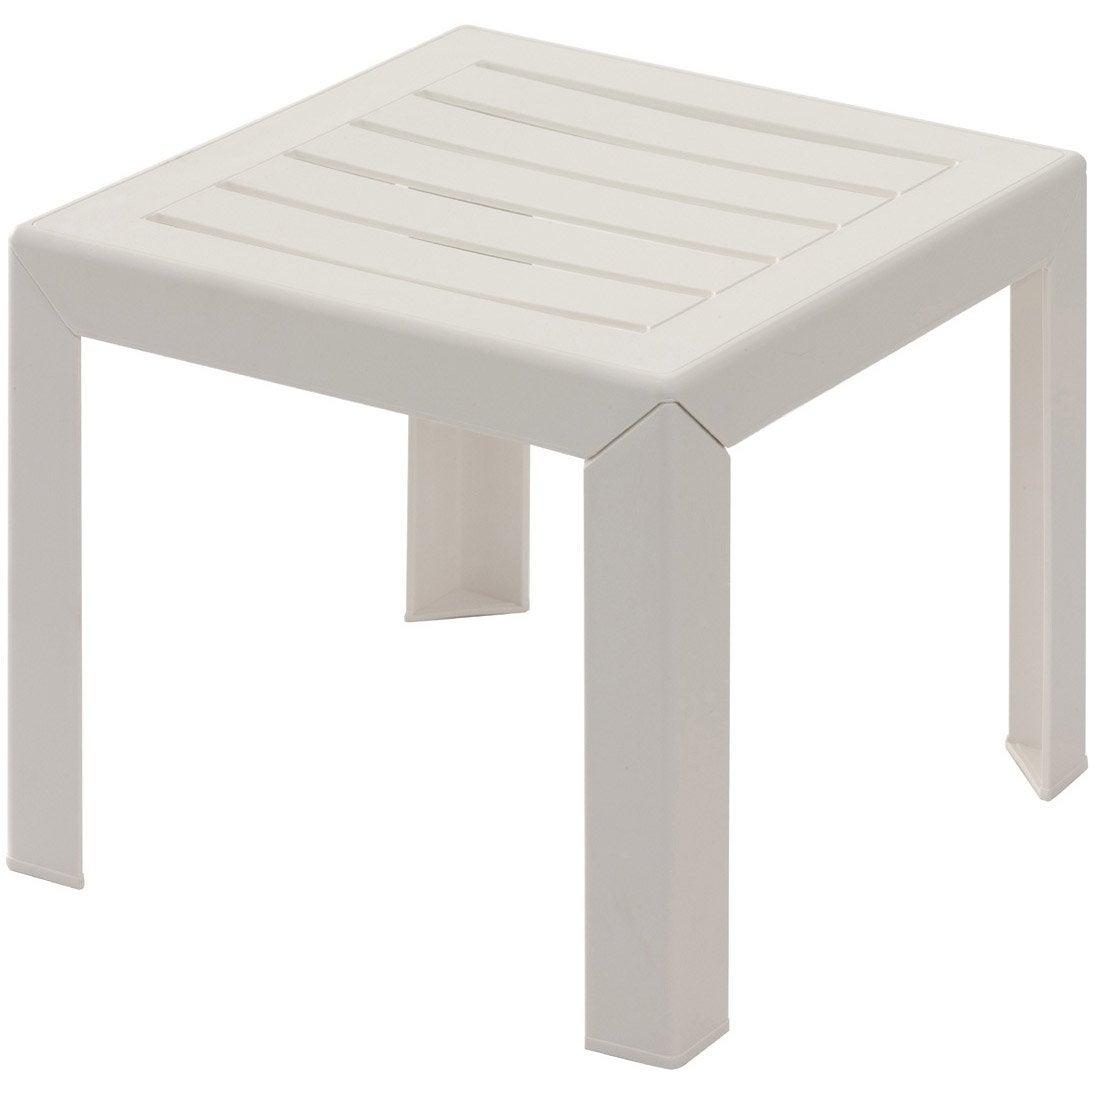 Table Blanc Personnes Basse Grosfillex Miami Jardin Carrée De 2 nwm80vNO